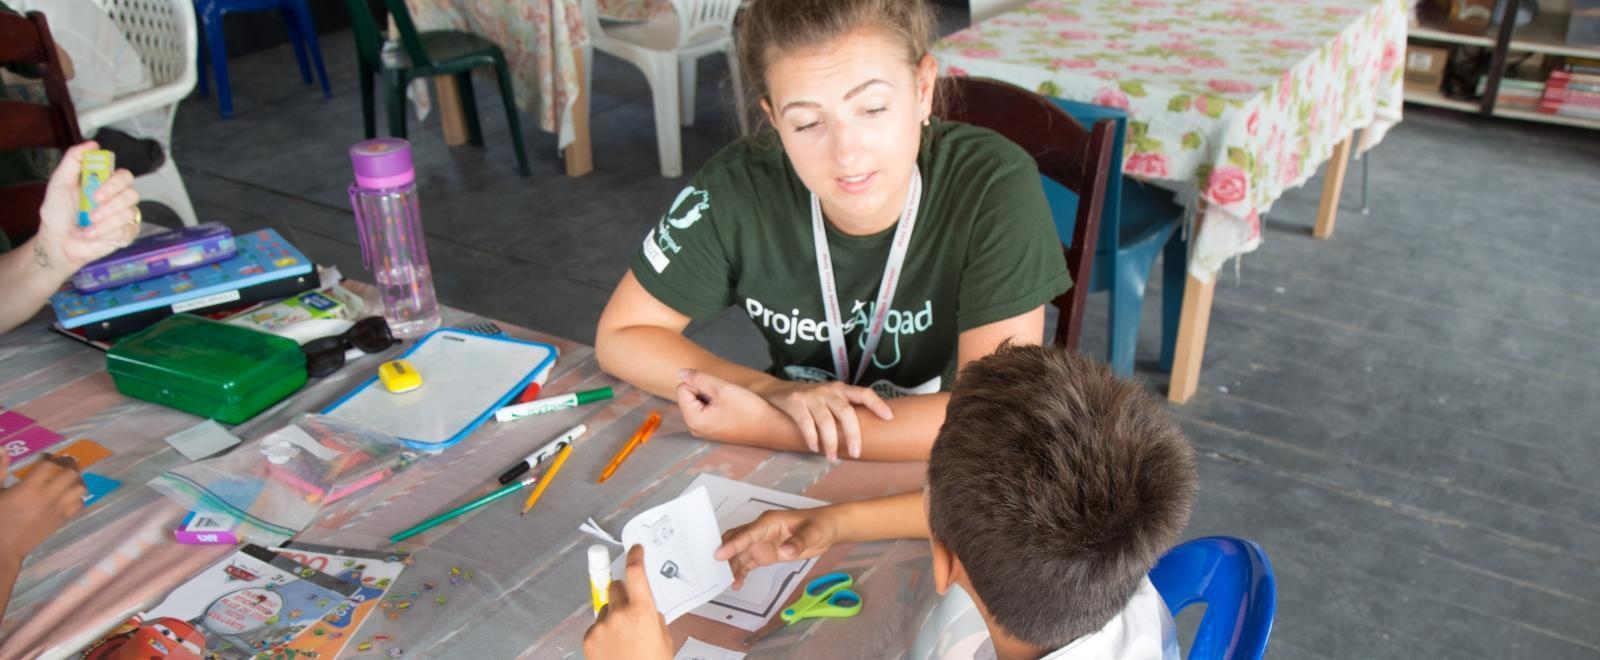 Voluntaria ayuda a mejorar las habilidades de alfabetización de sus estudiantes en su voluntariado de educación en Belice.